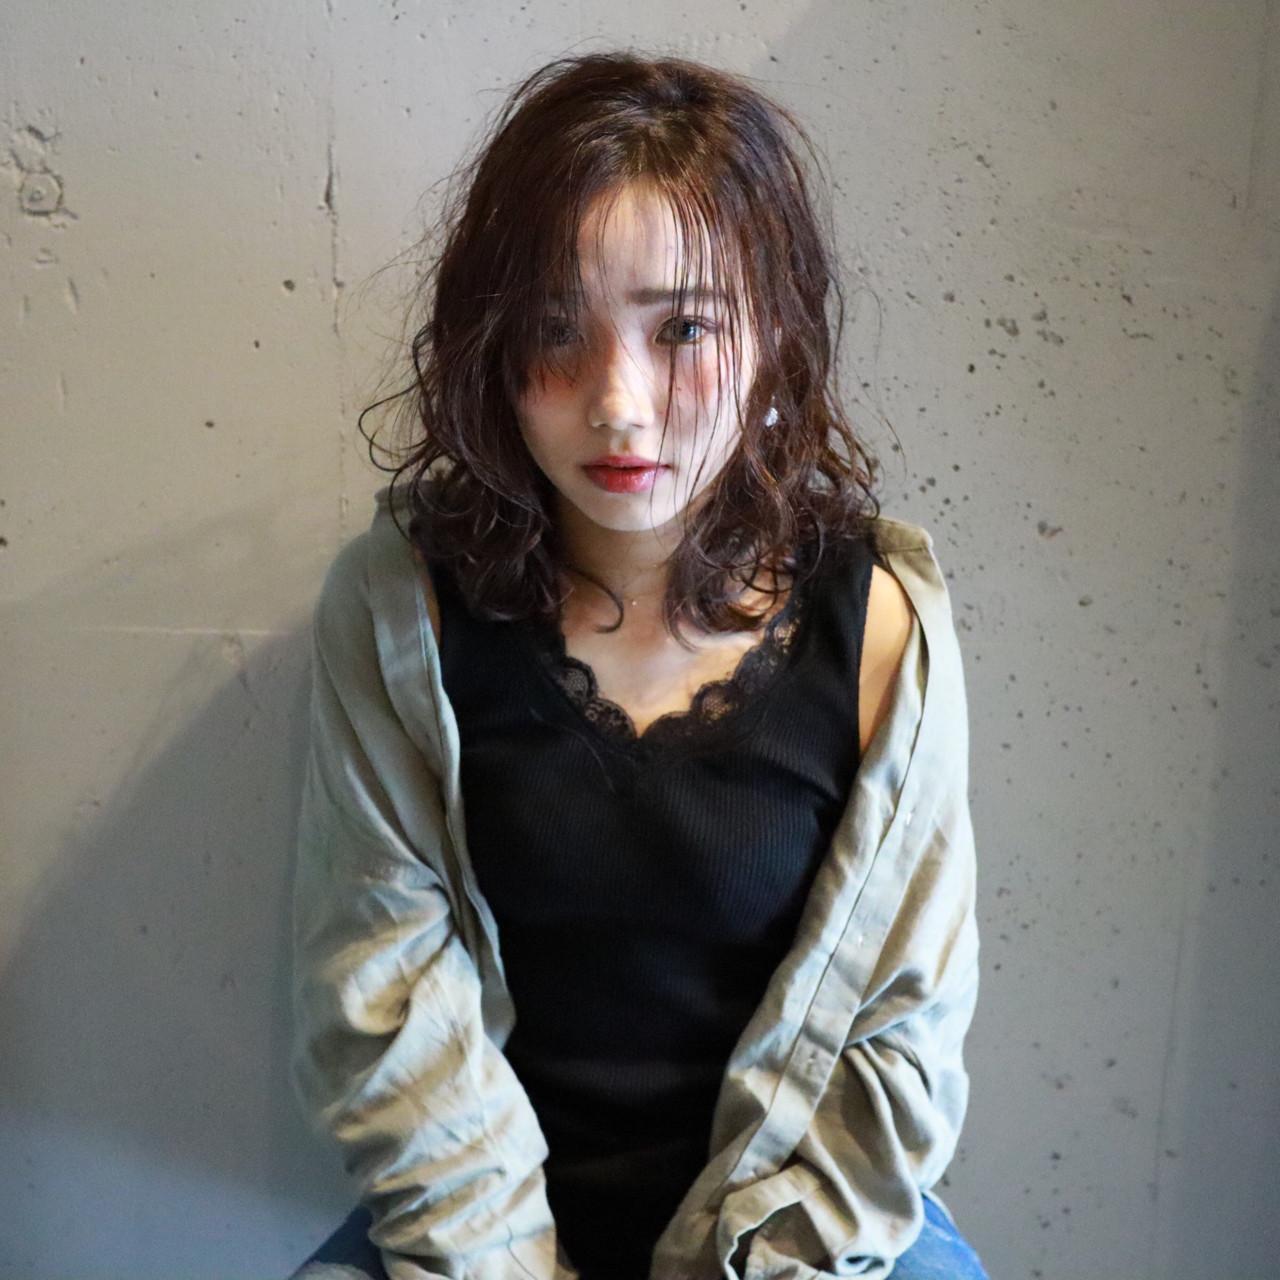 リラックス 暗髪 アンニュイ ウェーブ ヘアスタイルや髪型の写真・画像